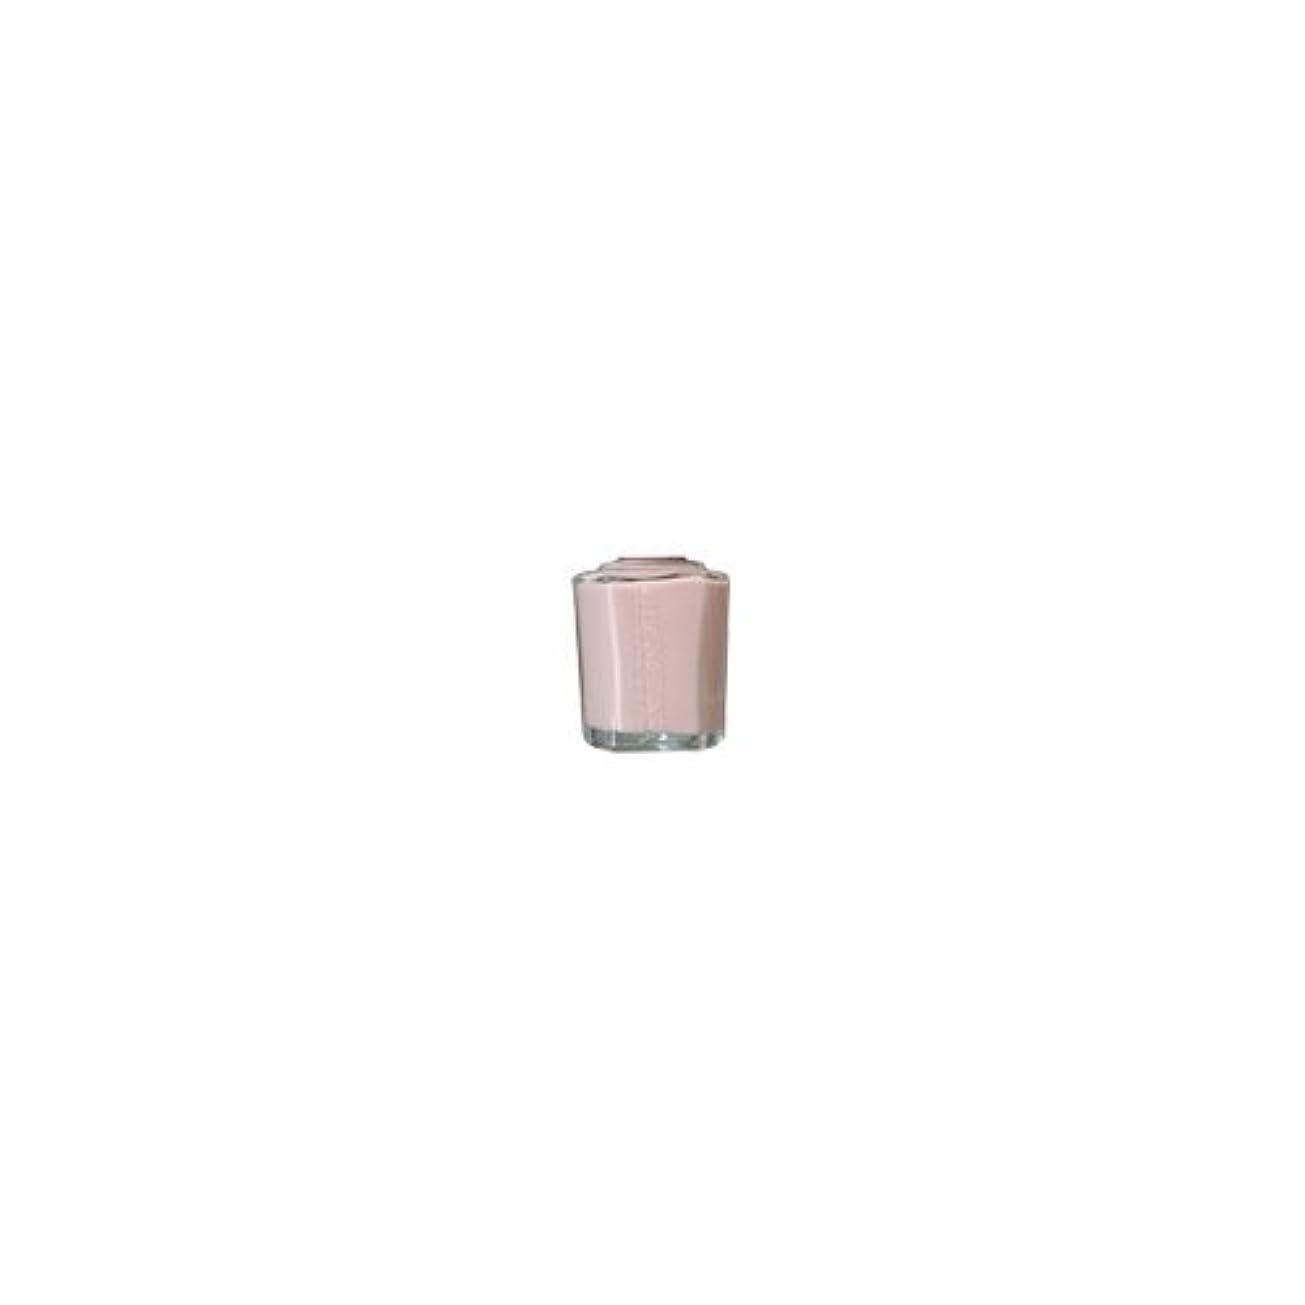 非行鉛筆キロメートルSHAREYDVA(シャレドワ) シャレドワカラー 〔15ml〕<BR>No.92 アンティークベージュ